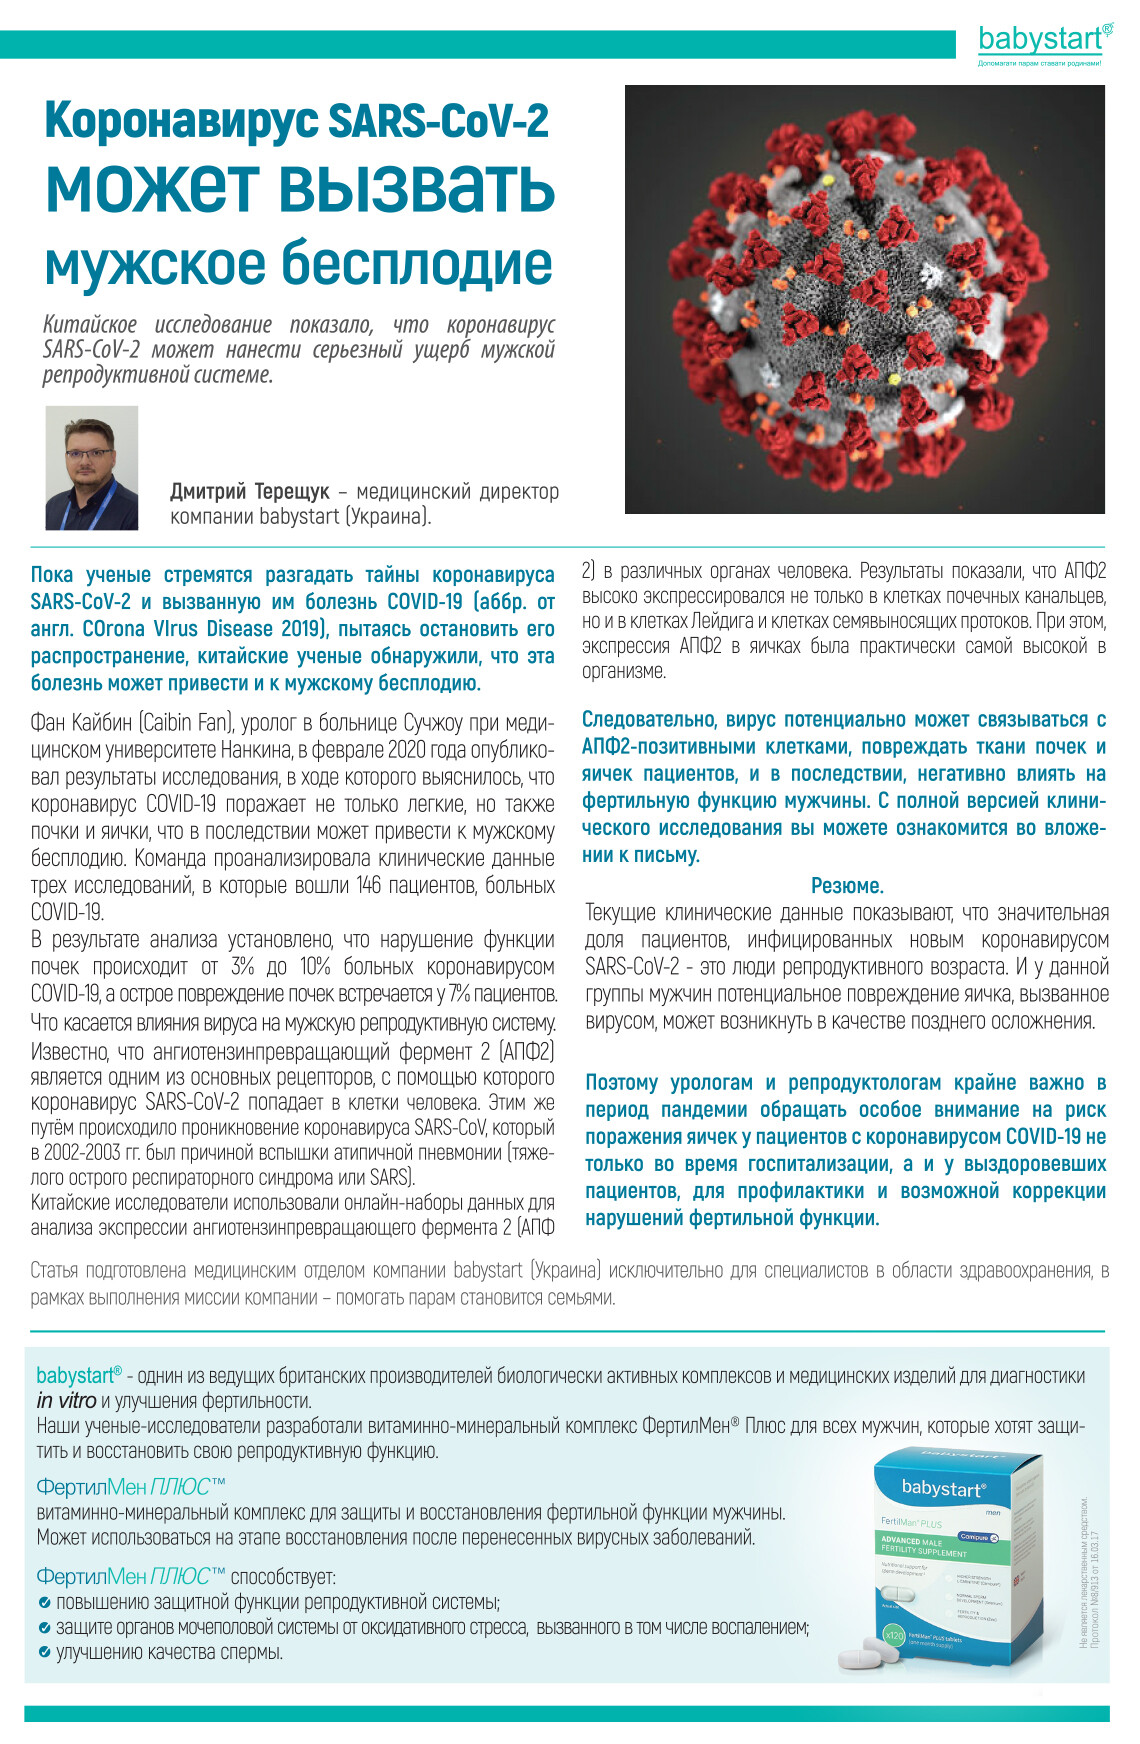 Коронавирус SARS-CoV-2 может вызвать мужское бесплодие